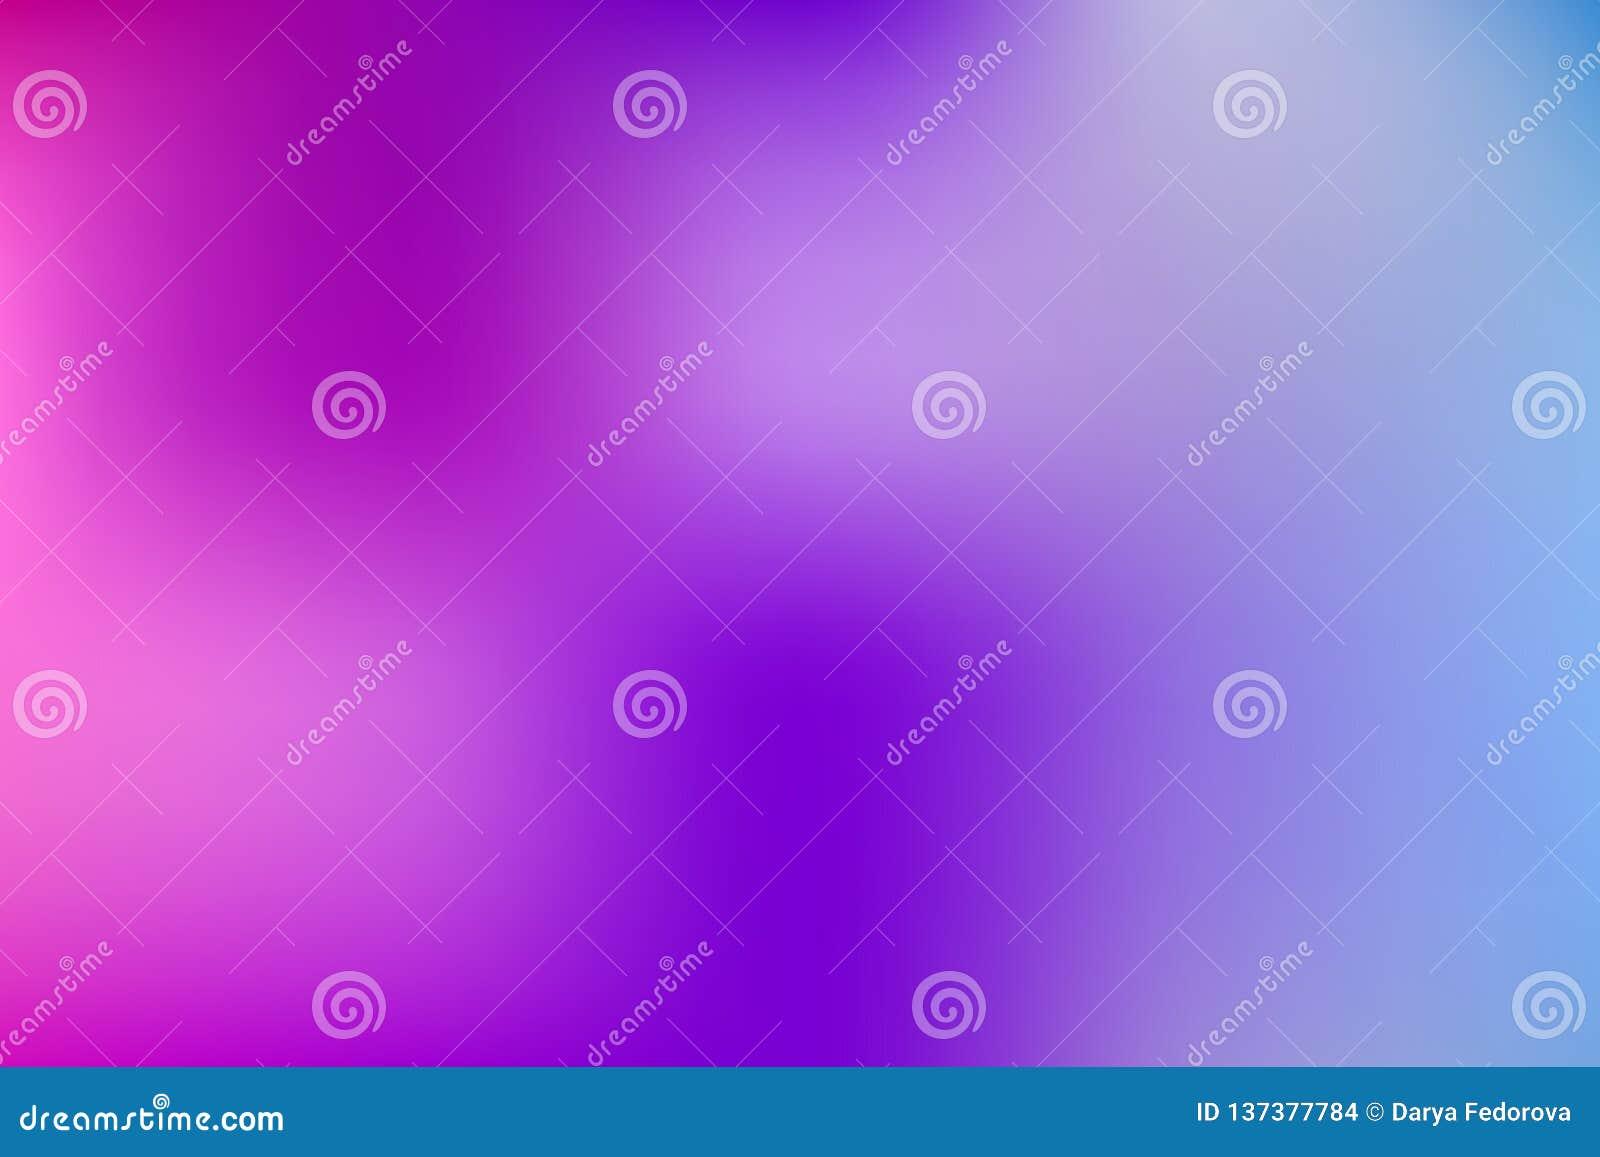 Vector abstracte onduidelijk beeldachtergrond voor webdesign, kleurrijk gradiënt vaag behang